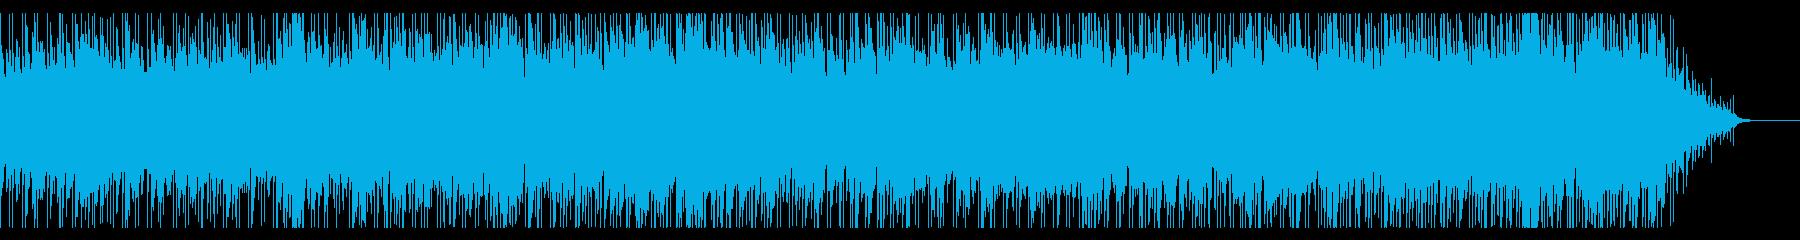 梅雨前の晴れの日をイメージしたボサノバの再生済みの波形